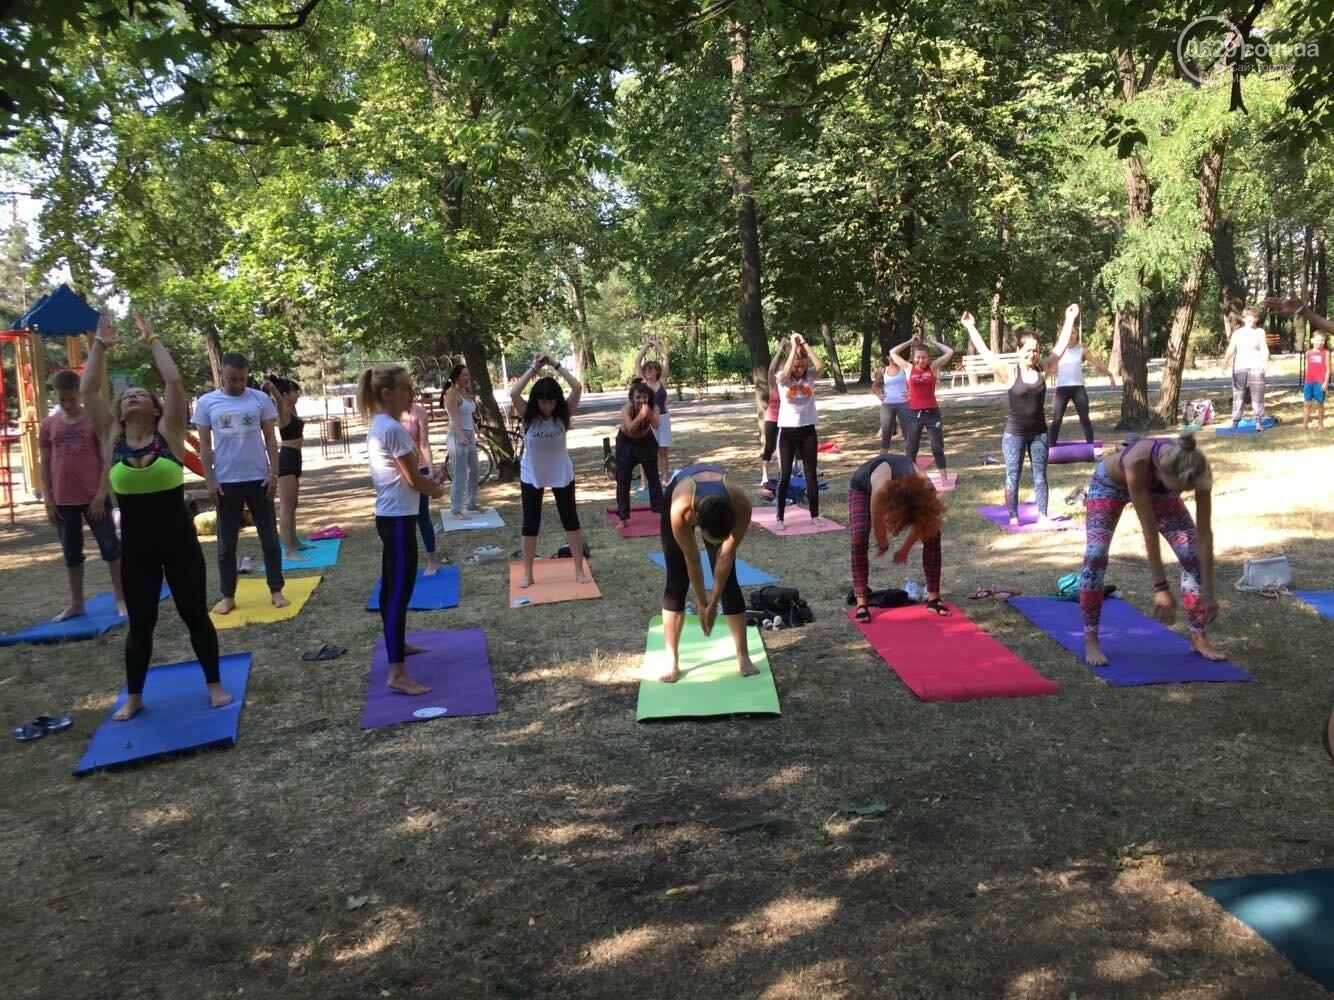 В Мариуполе отпраздновали Международный День йоги, - ФОТО, ВИДЕО, фото-12